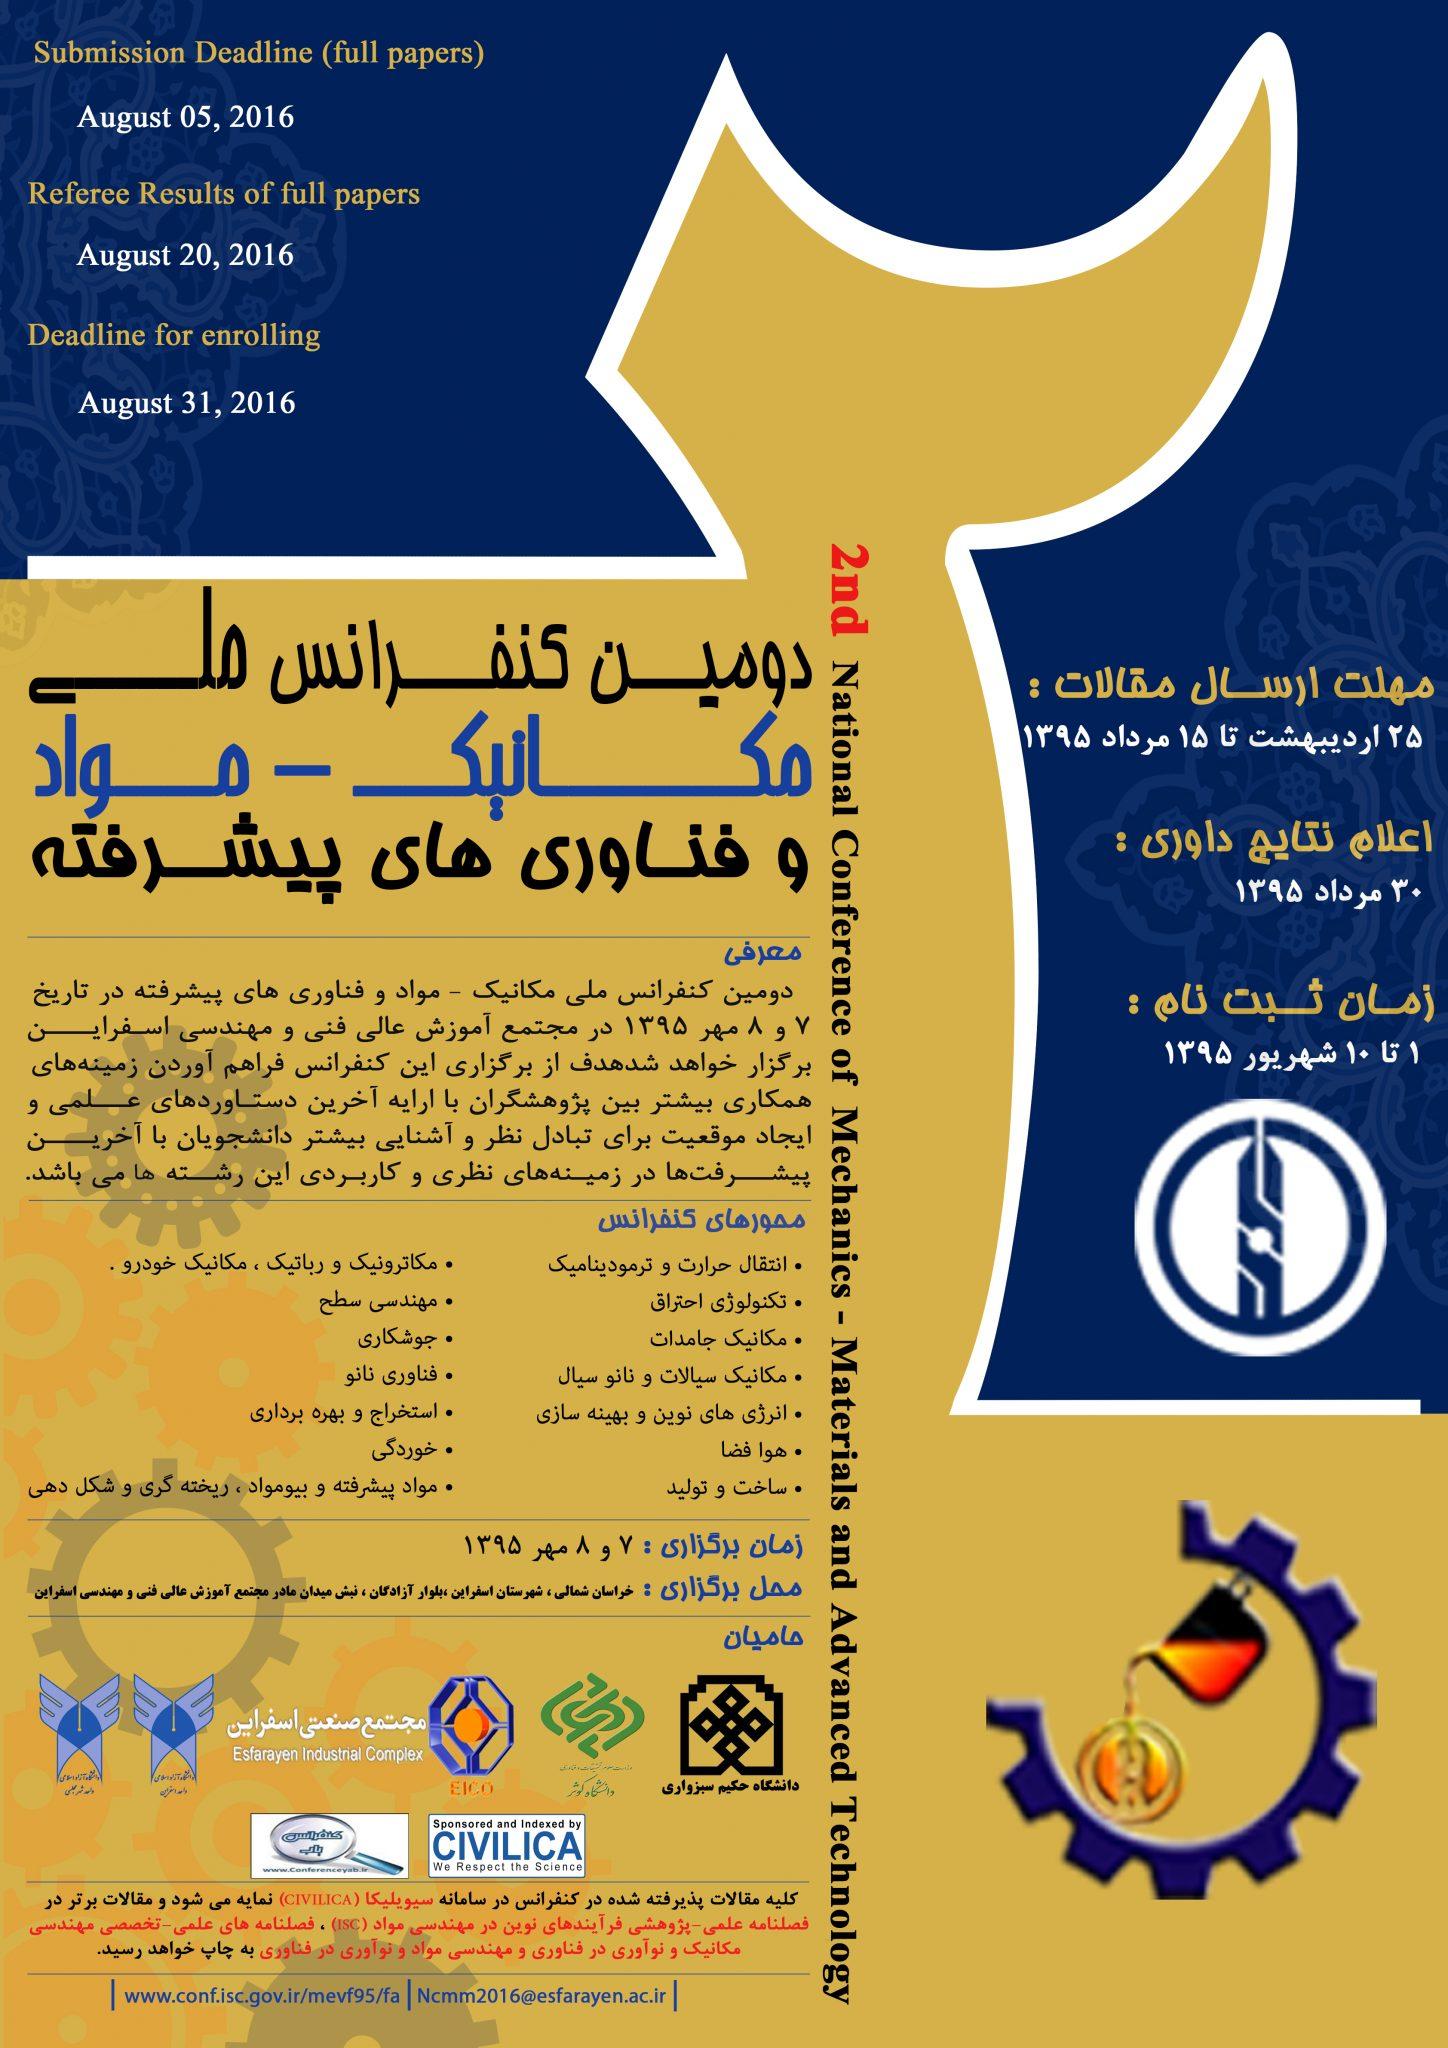 دومین کنفرانس  ملی مکانیک - مواد و فناوری های پیشرفته